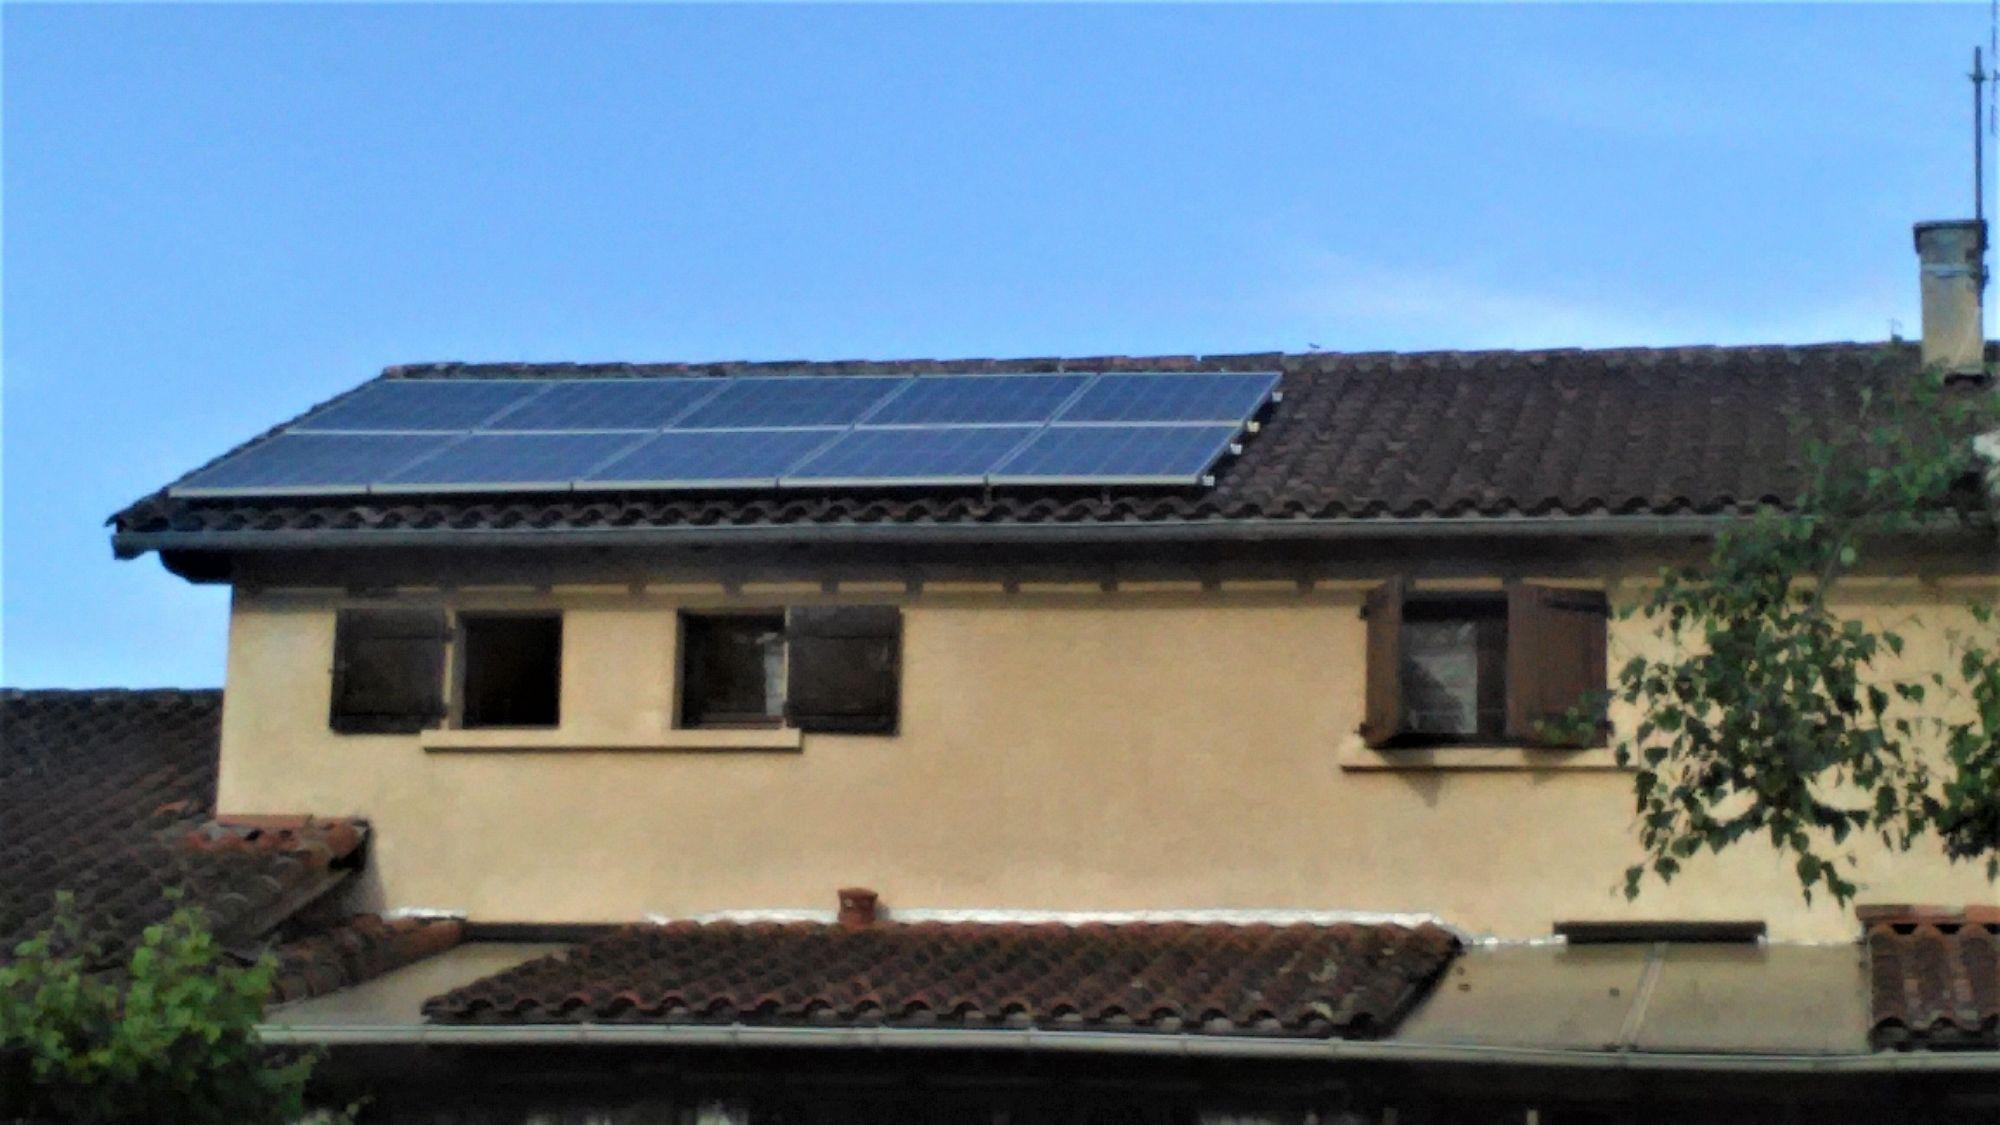 pose de panneaux solaires sur toiture en surimposition